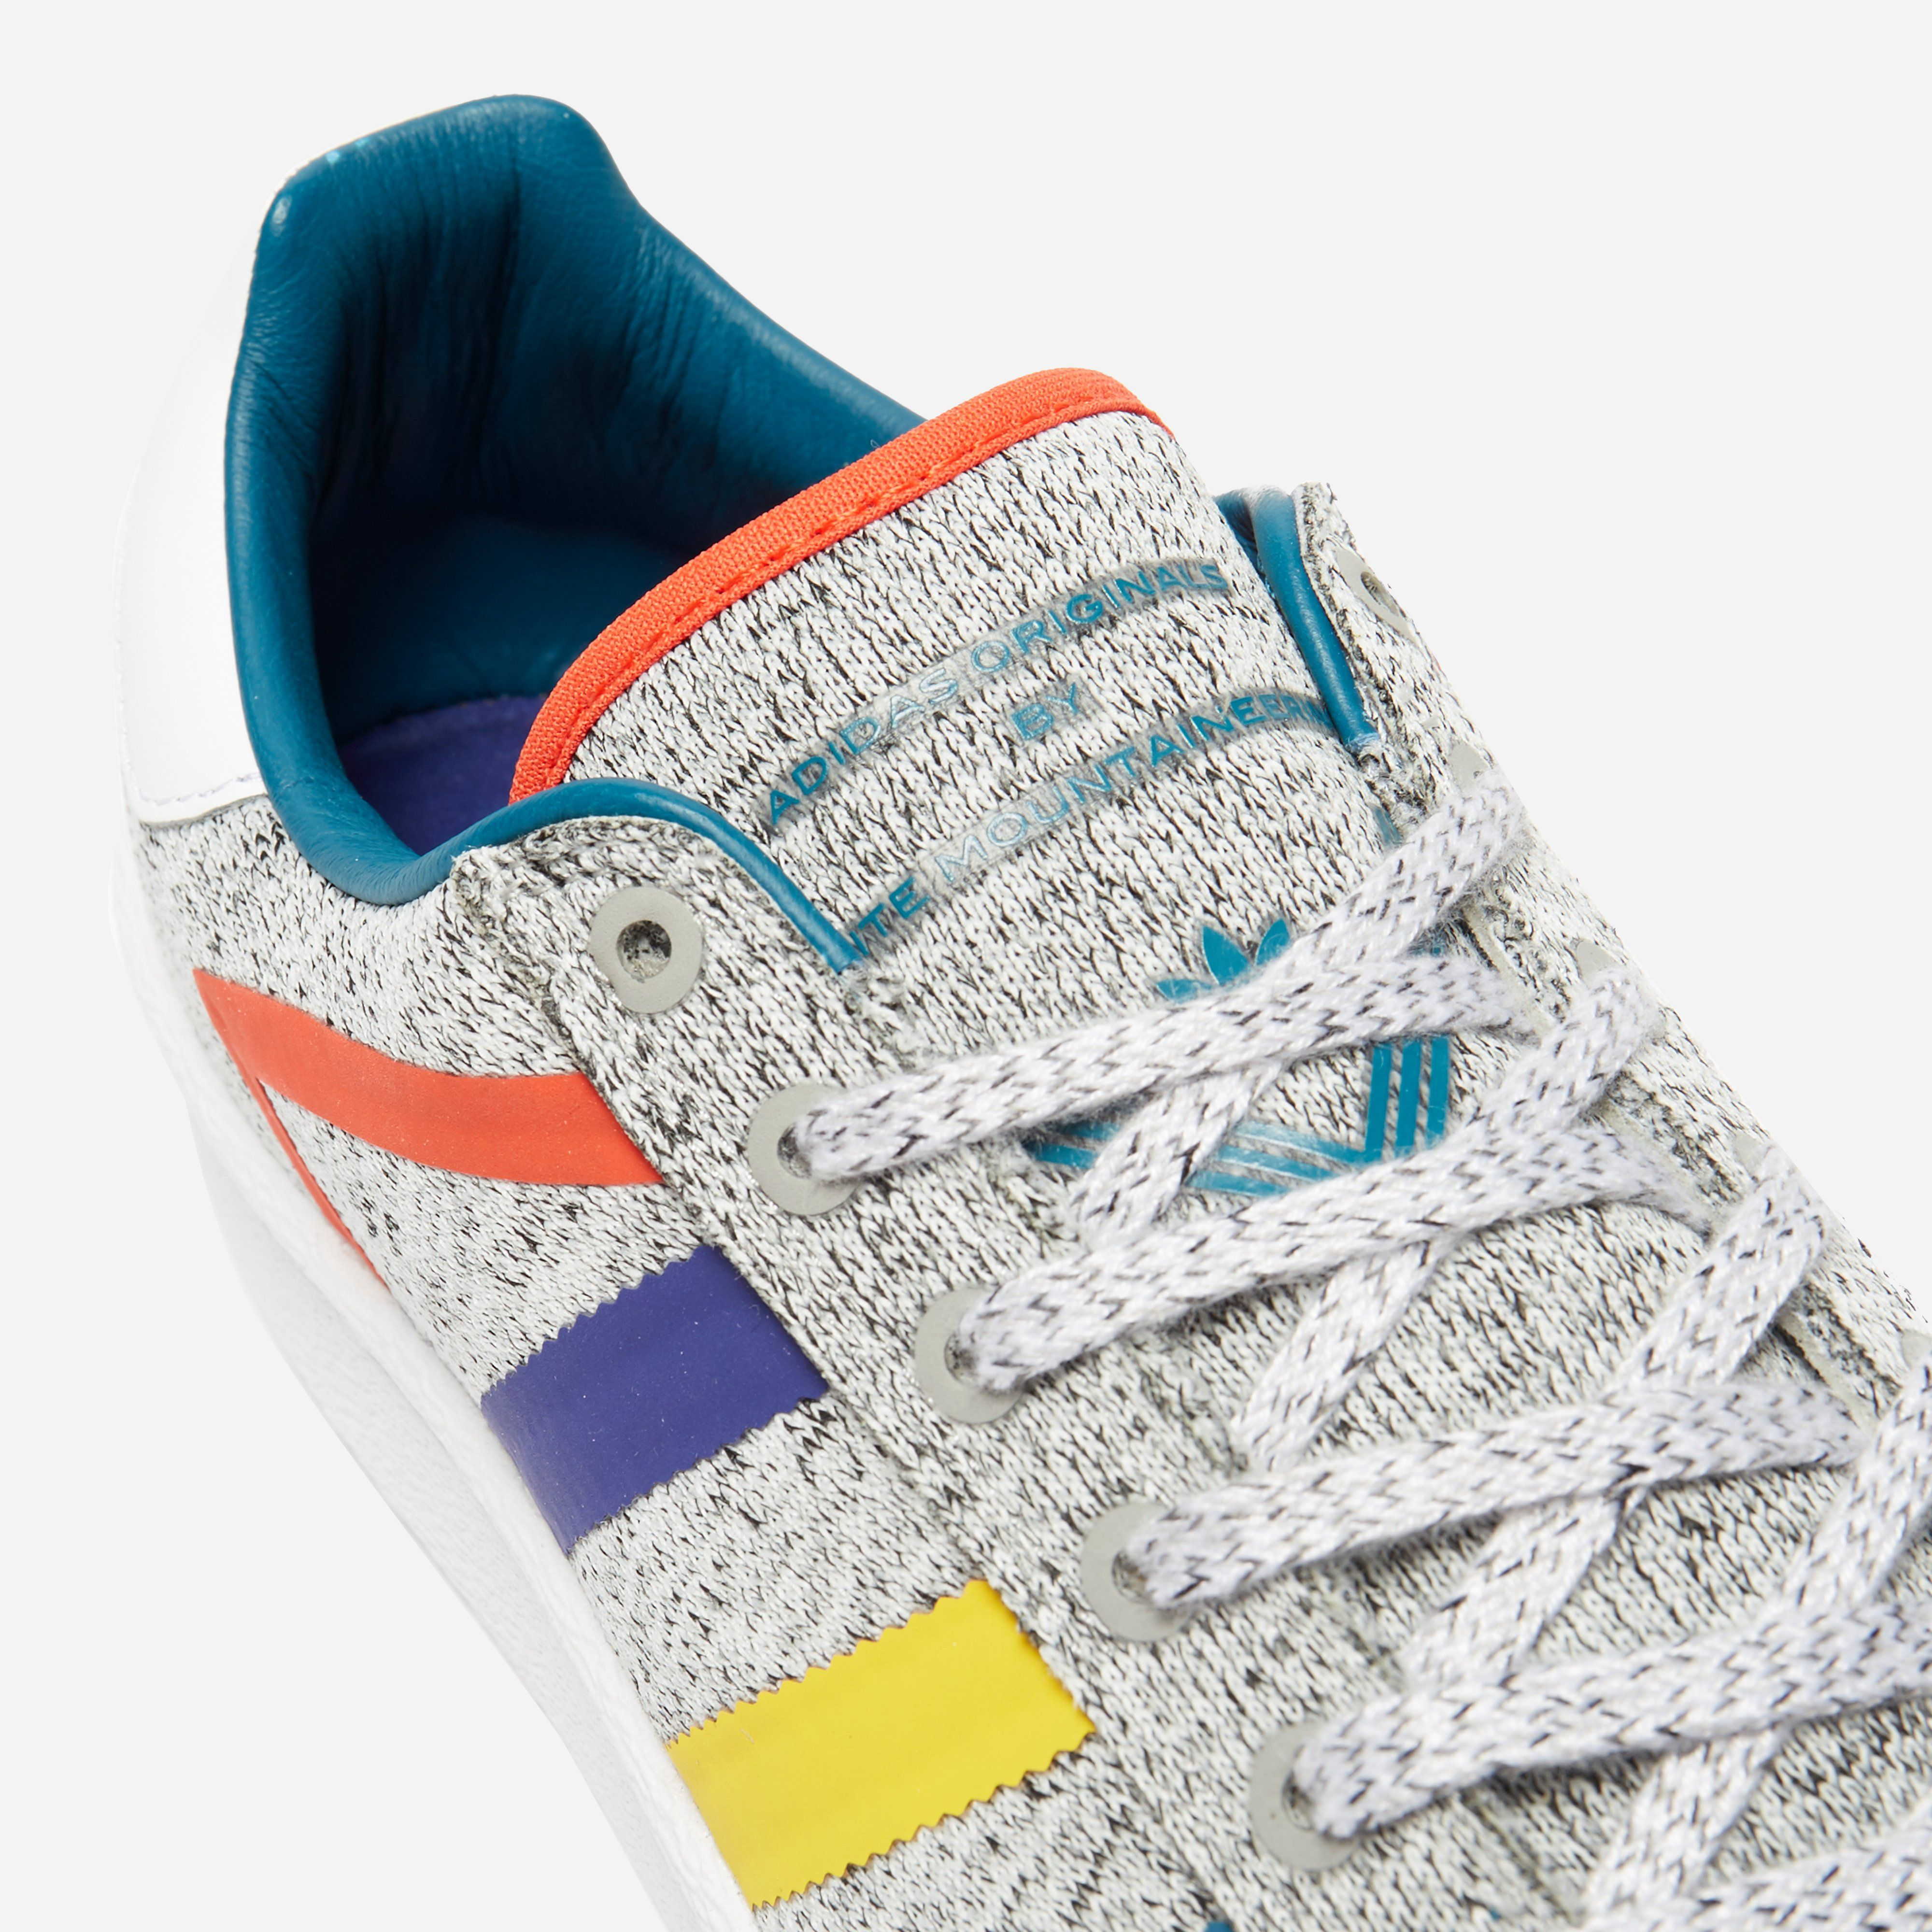 adidas Originals x White Mountaineering Superstar